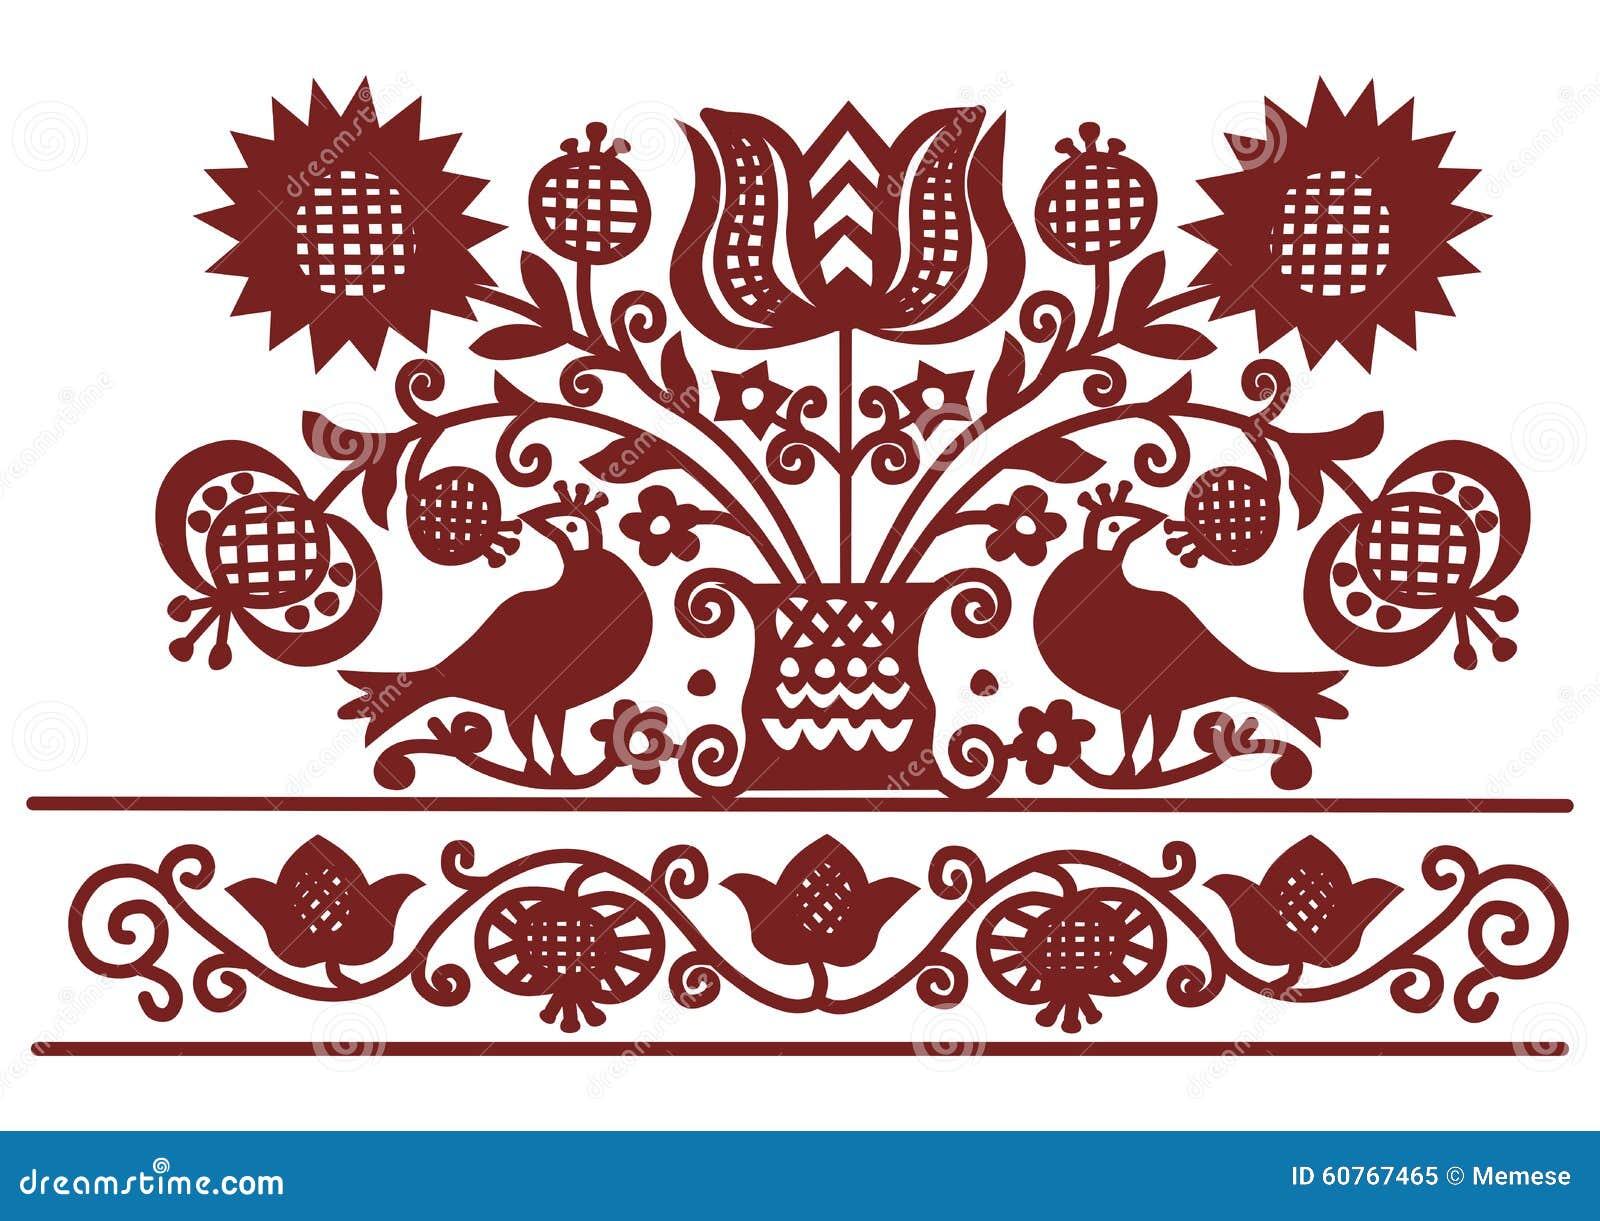 Embroidery Pattern 7 Stock Photo - Image: 60767465 | 1300 x 1009 jpeg 206kB